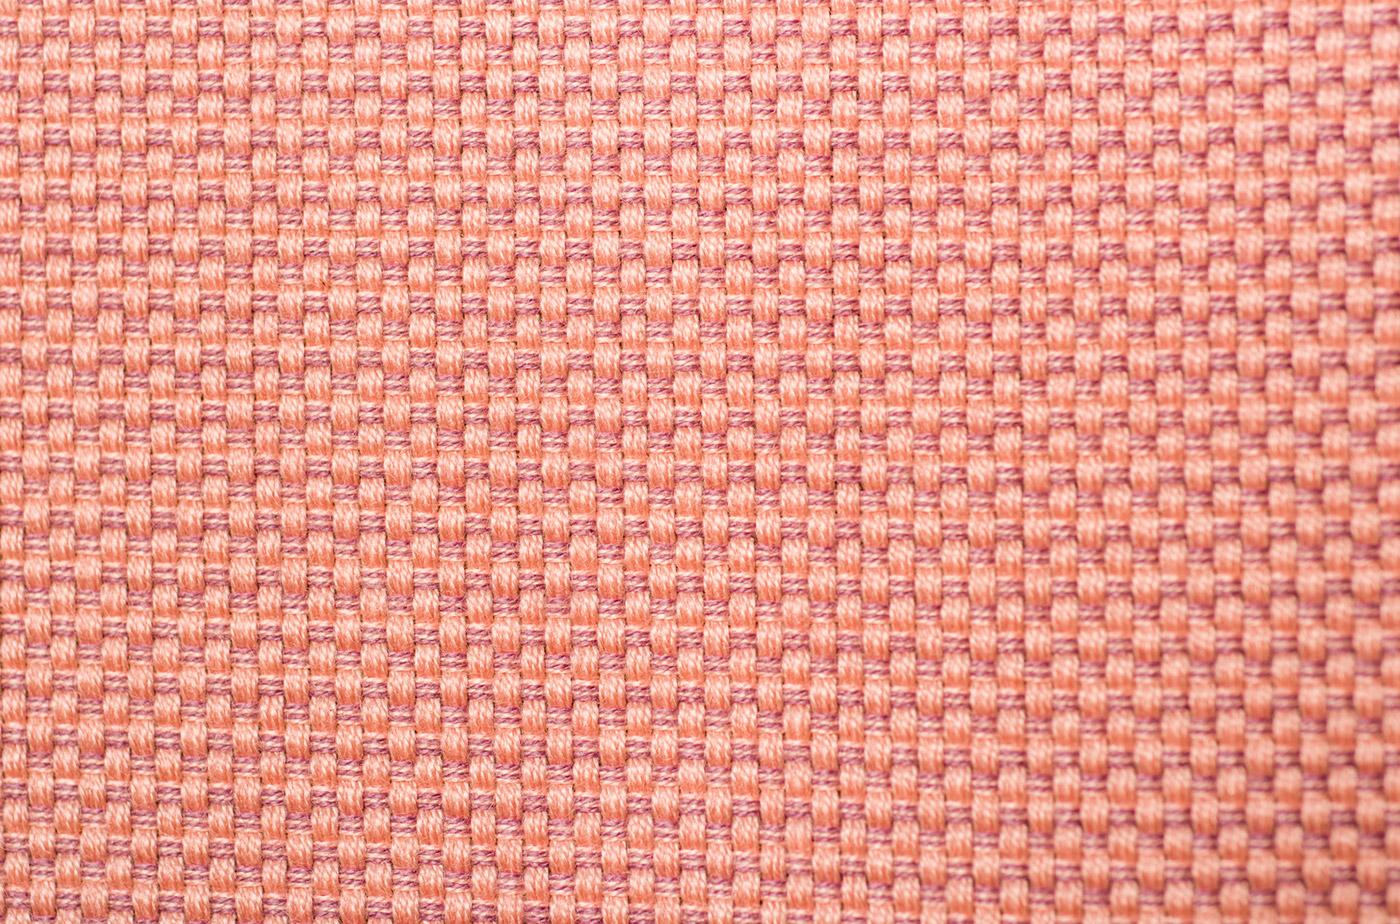 Alyssa Luvs Princess Pink 10032 09